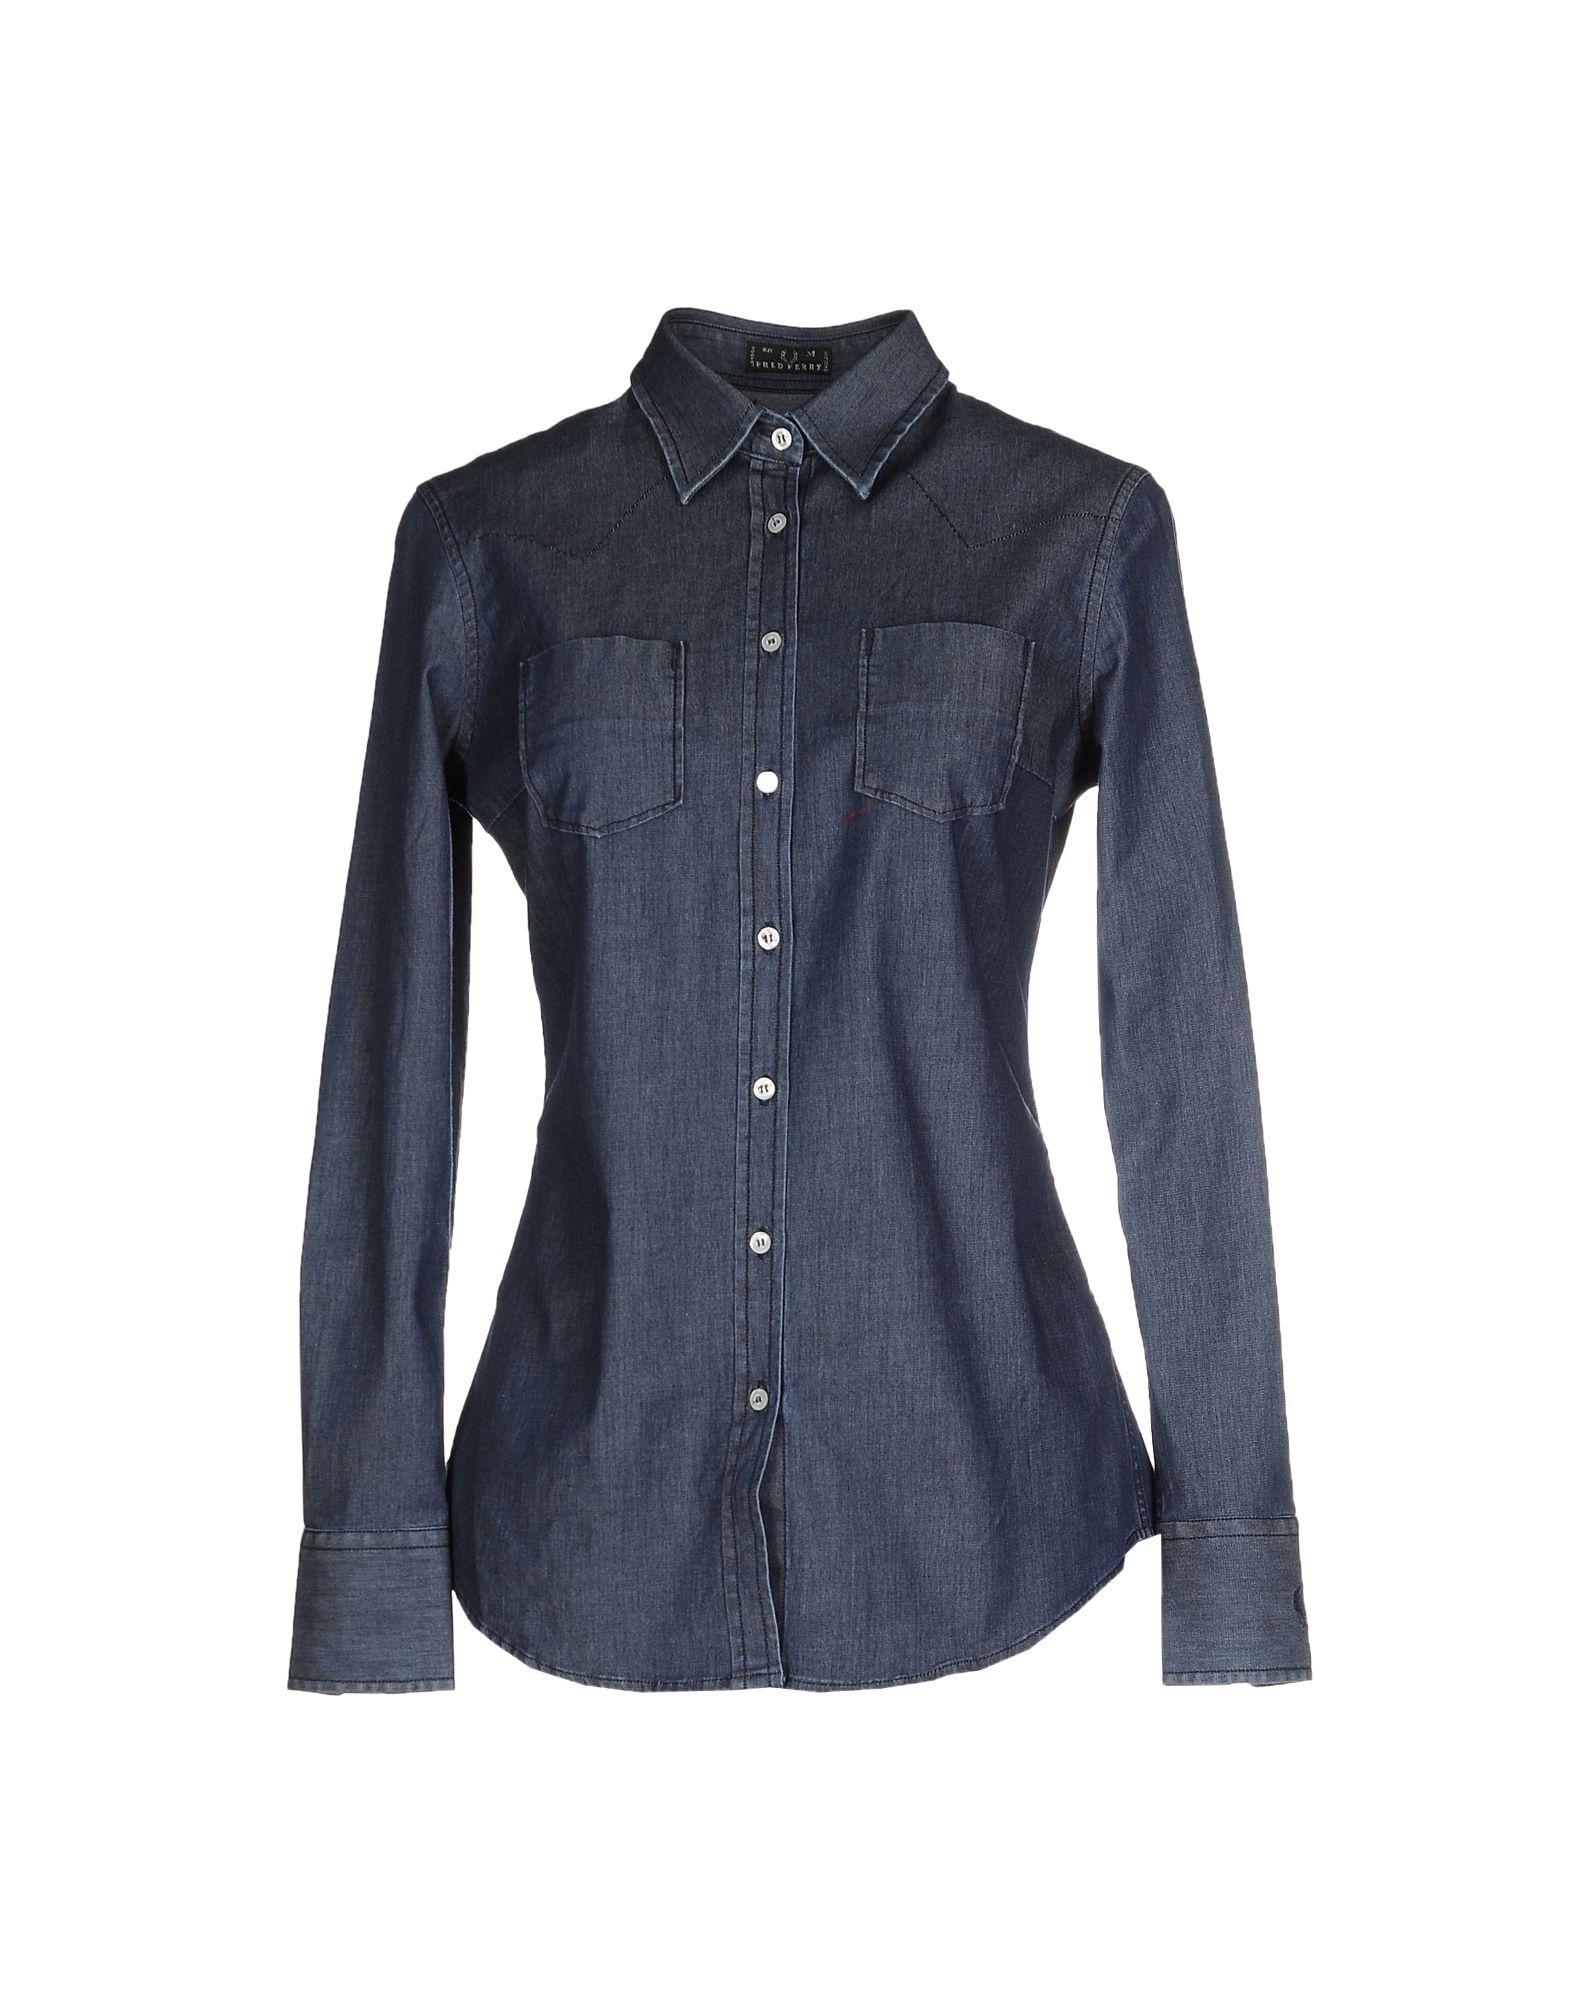 FRED PERRY Джинсовая рубашка рубашка fred perry fred perry fr006emuia54